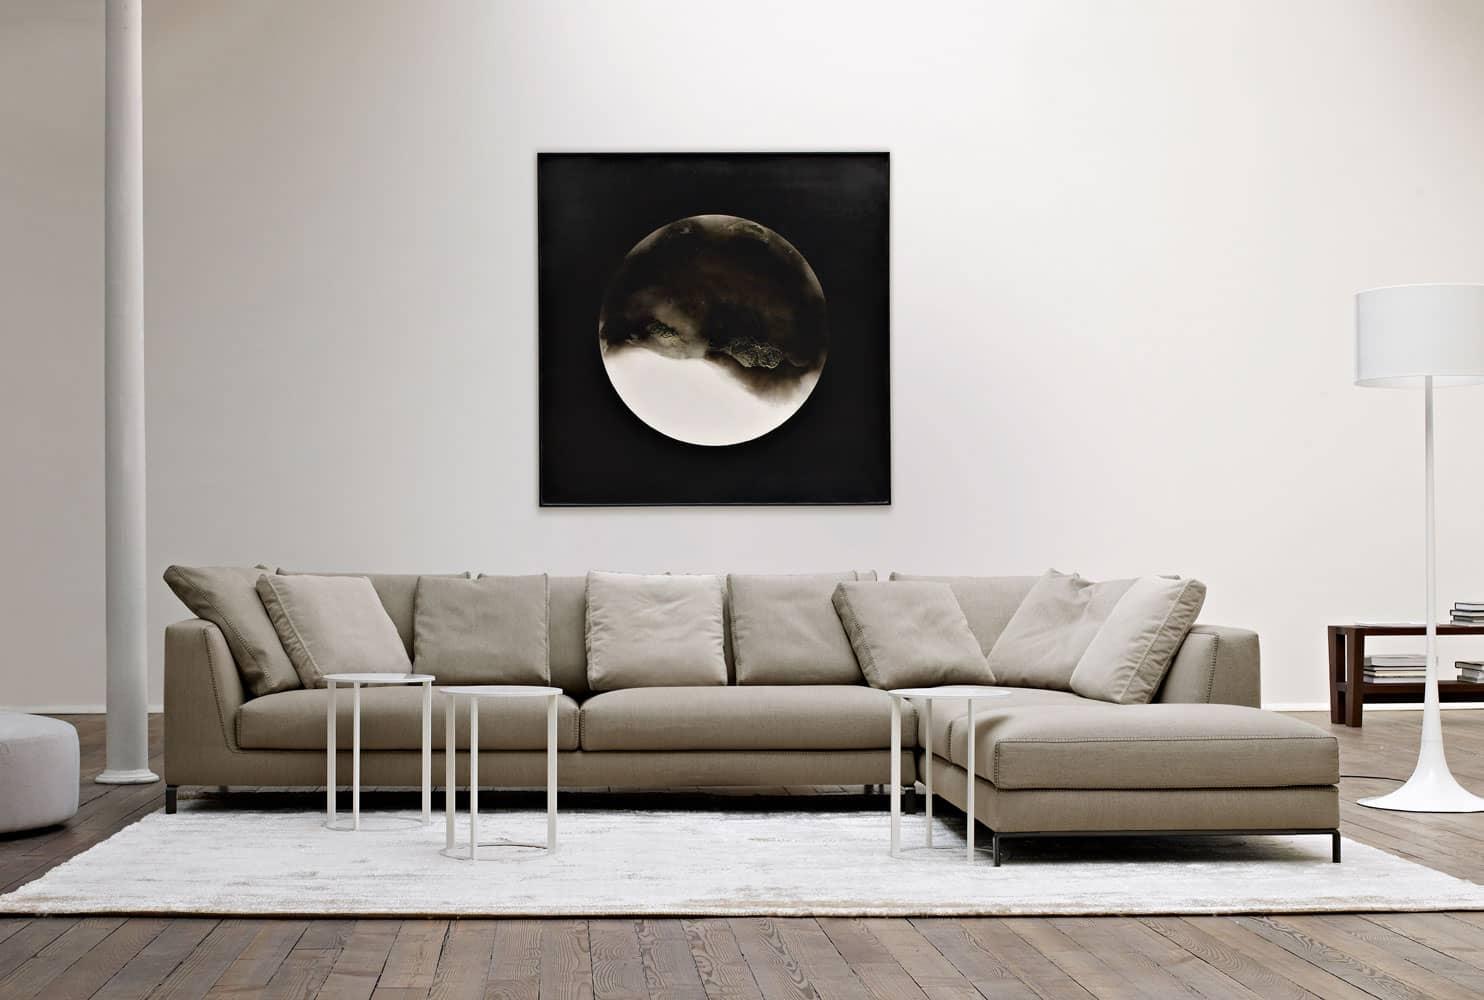 Das weiße Ray von Antonio Citterio für B&B Italia als großzügige Sitzlandschaft in einem offenen, hellen Wohnzimmer.